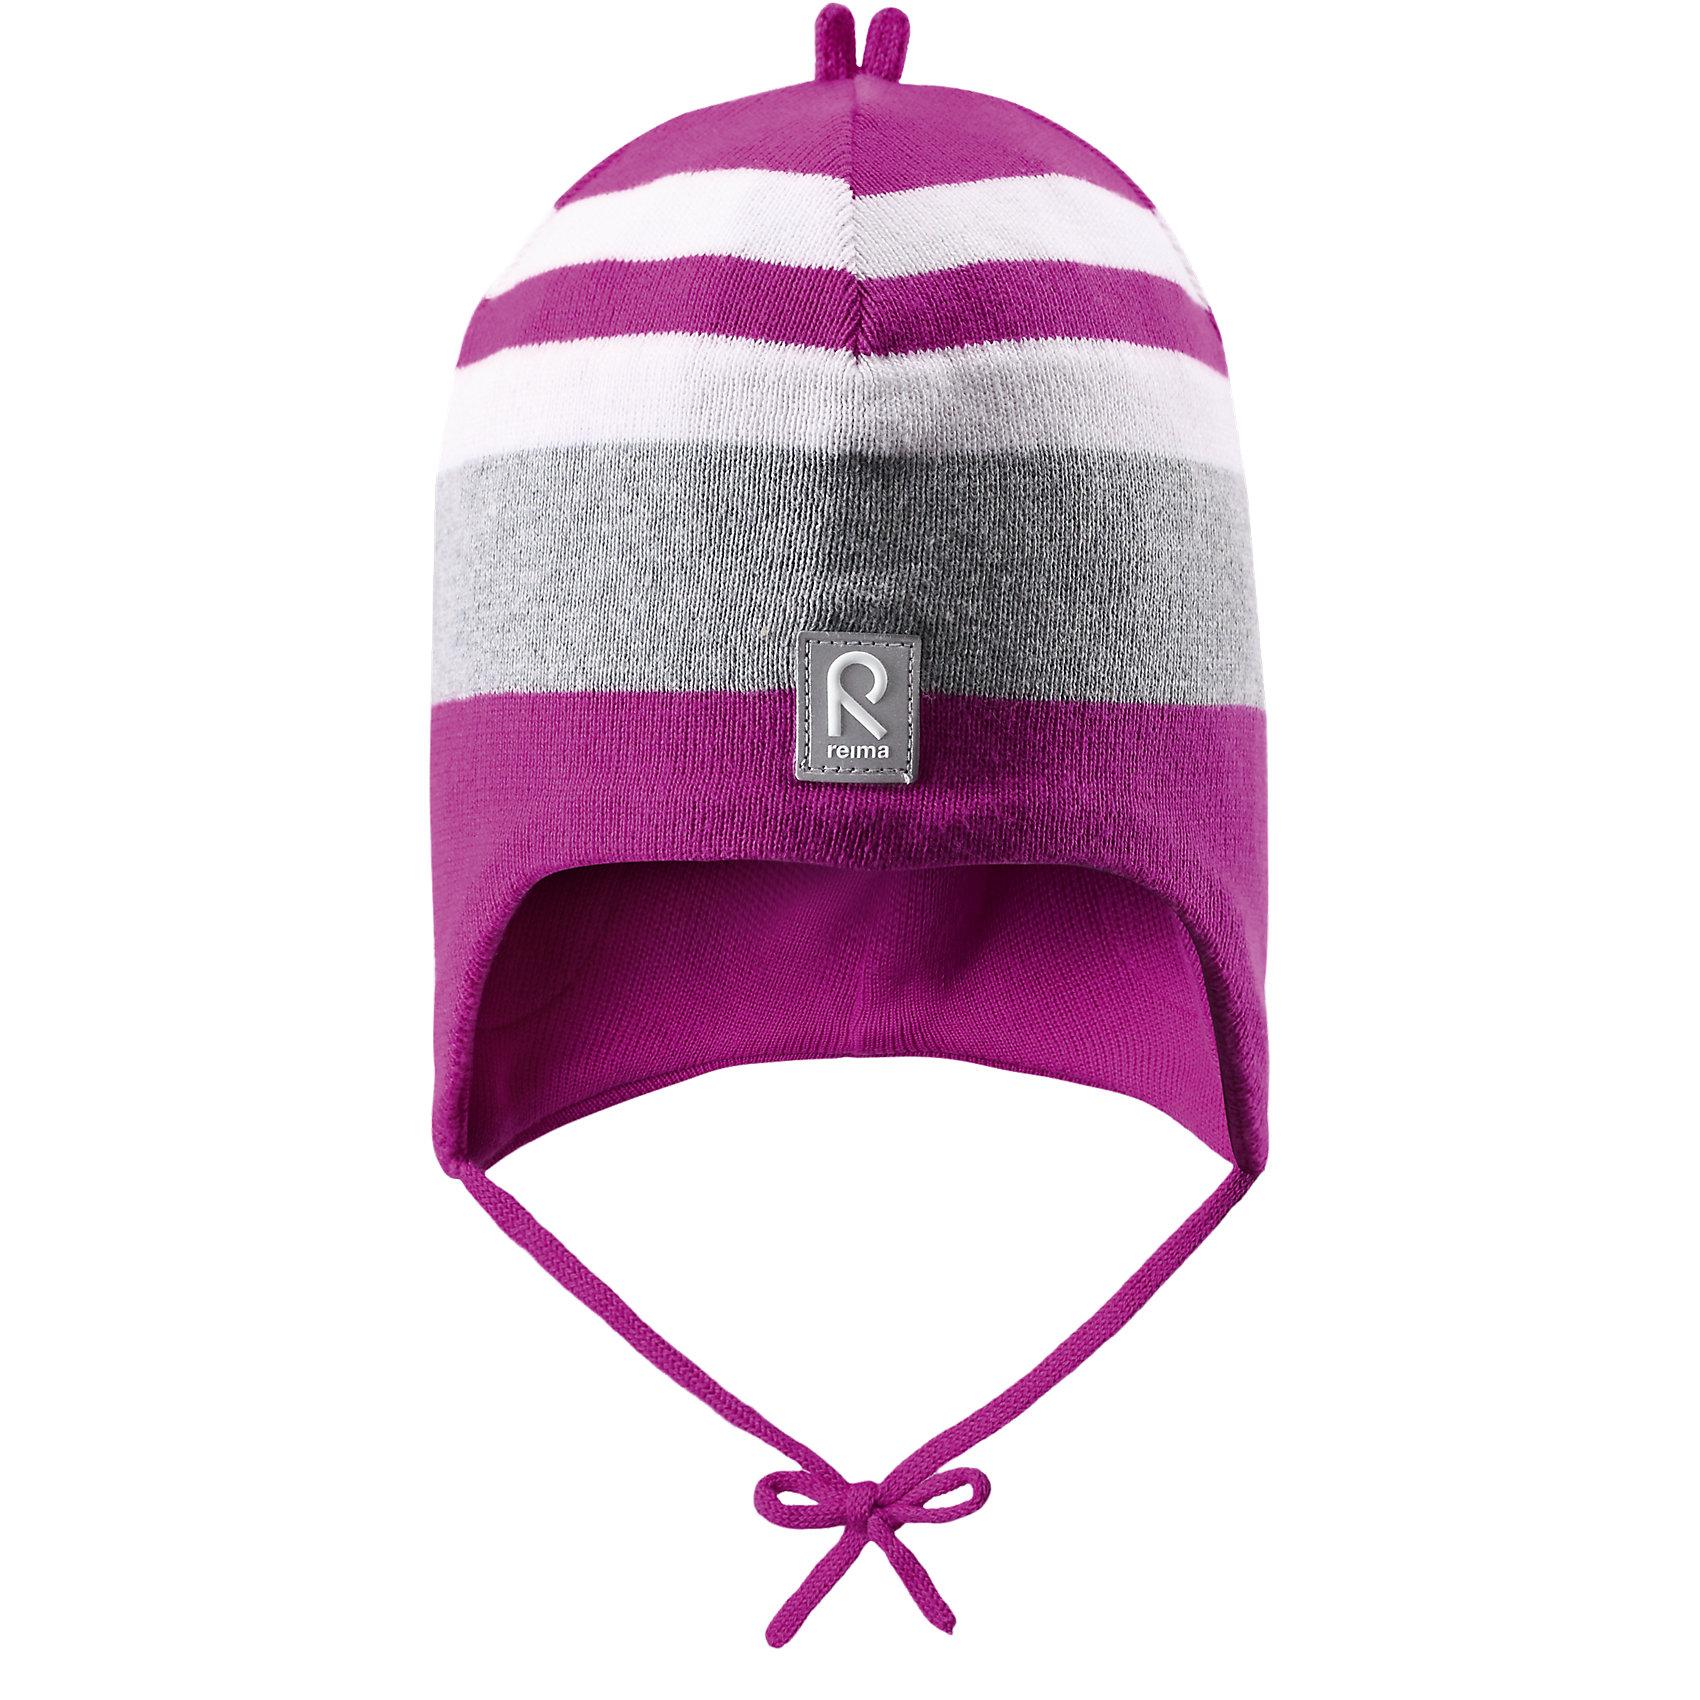 Шапка для девочки ReimaШапки и шарфы<br>Эта вязанная хлопчатобумажная шапочка для малышей подходит на все случаи жизни. Классический дизайн позволяет удачно сочетать ее с различными вариантами одежды. Подкладка на половину головы из хлопчатобумажного трикотажа гарантирует тепло, а ветронепроницаемые вставки между верхним слоем и подкладкой защищают уши. Светоотражающие детали тоже добавят немного безопасности.<br><br>Дополнительная информация:<br><br>Шапка «Бини» для малышей<br>Эластичная хлопчатобумажная ткань<br>Ветронепроницаемые вставки в области ушей<br>Частичная подкладка: хлопчатобумажная ткань<br>Светоотражающий элемент спереди<br>Состав:<br>100% хлопок<br>Уход:<br>Стирать по отдельности, вывернув наизнанку. Придать первоначальную форму вo влажном виде. Возможна усадка 5 %.<br><br>Ширина мм: 89<br>Глубина мм: 117<br>Высота мм: 44<br>Вес г: 155<br>Цвет: розовый<br>Возраст от месяцев: 9<br>Возраст до месяцев: 12<br>Пол: Женский<br>Возраст: Детский<br>Размер: 46,48,52,50<br>SKU: 4496940